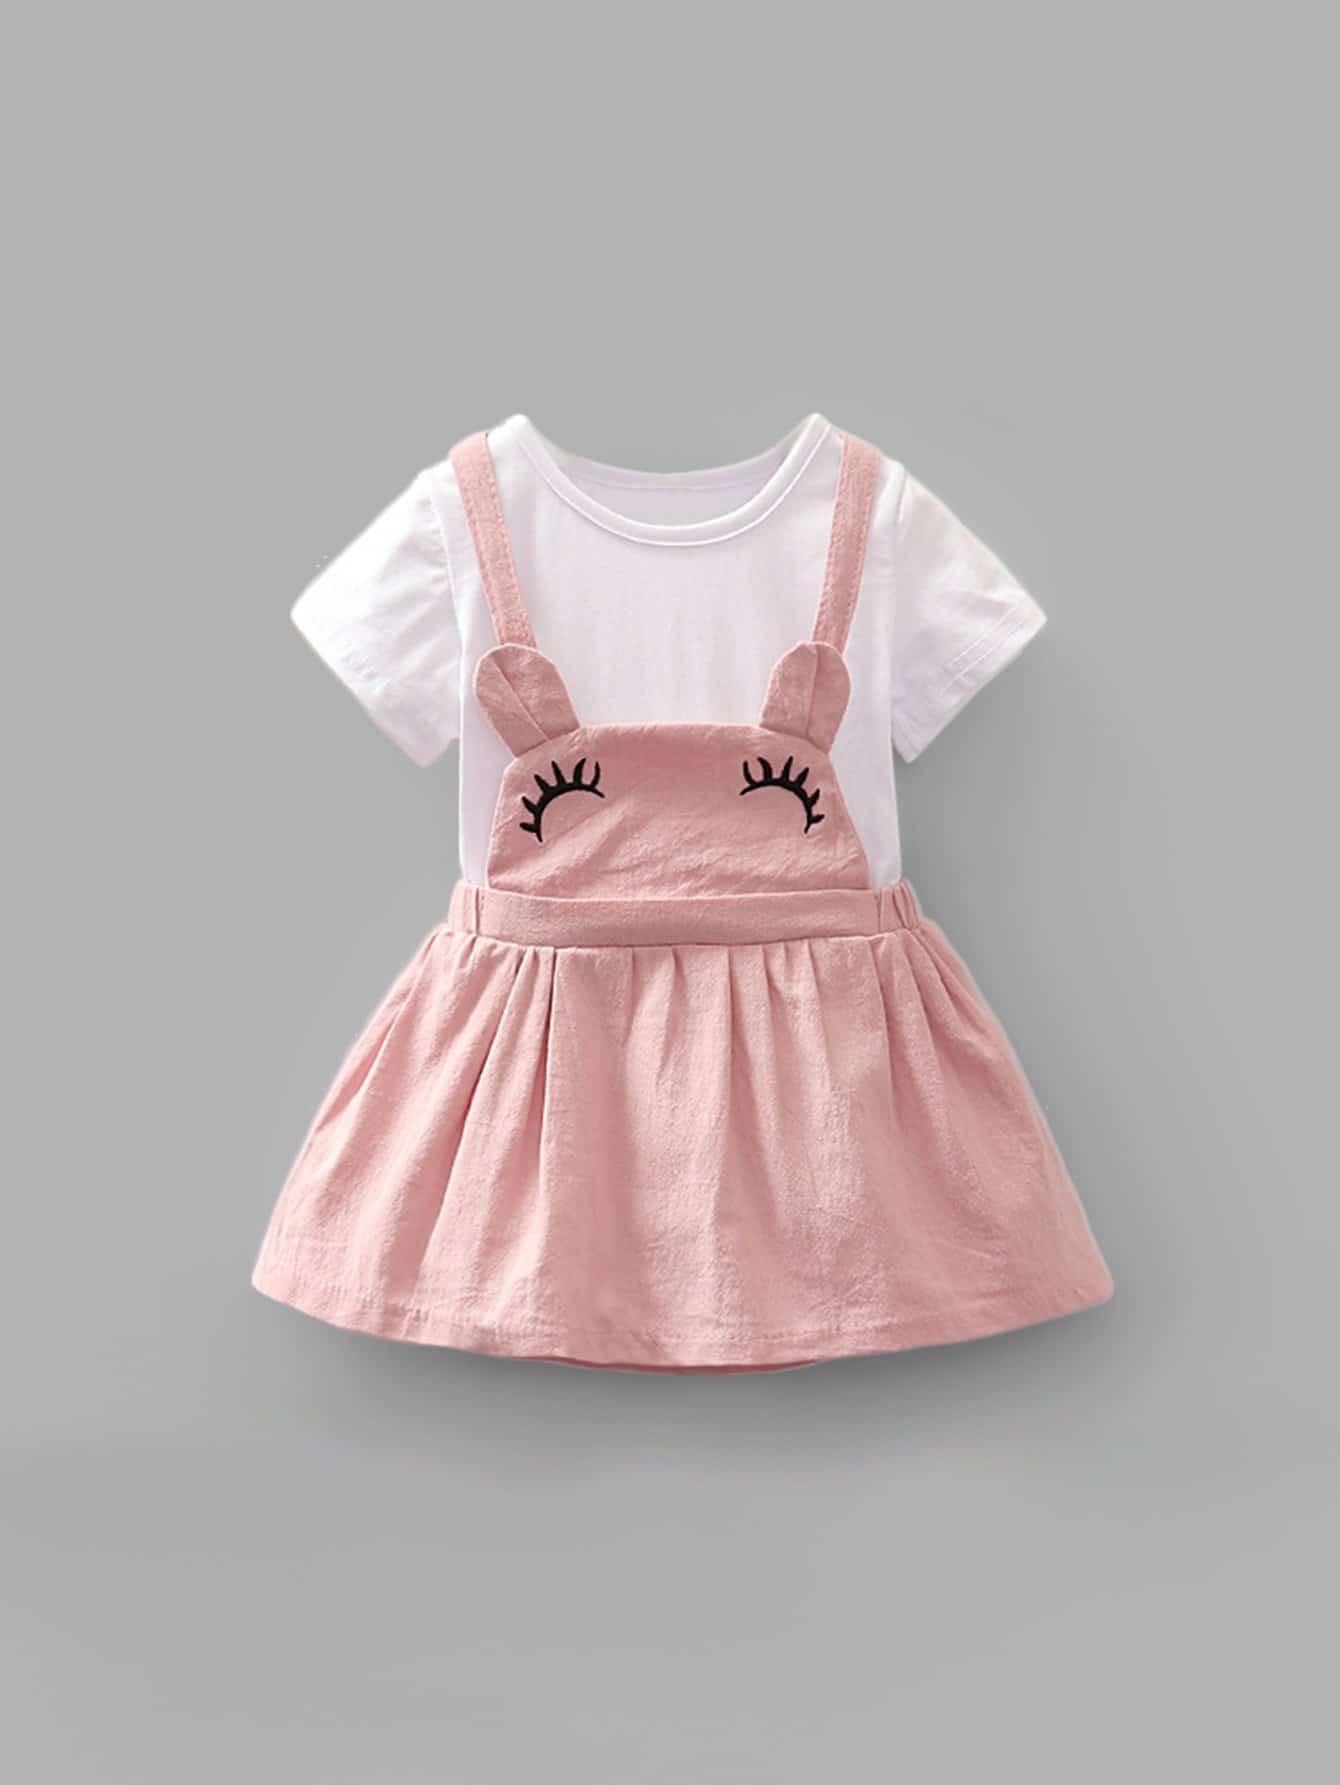 Купить Combo Платье с украшением вышивки и сзади одежды летны пересечения для девочки, null, SheIn